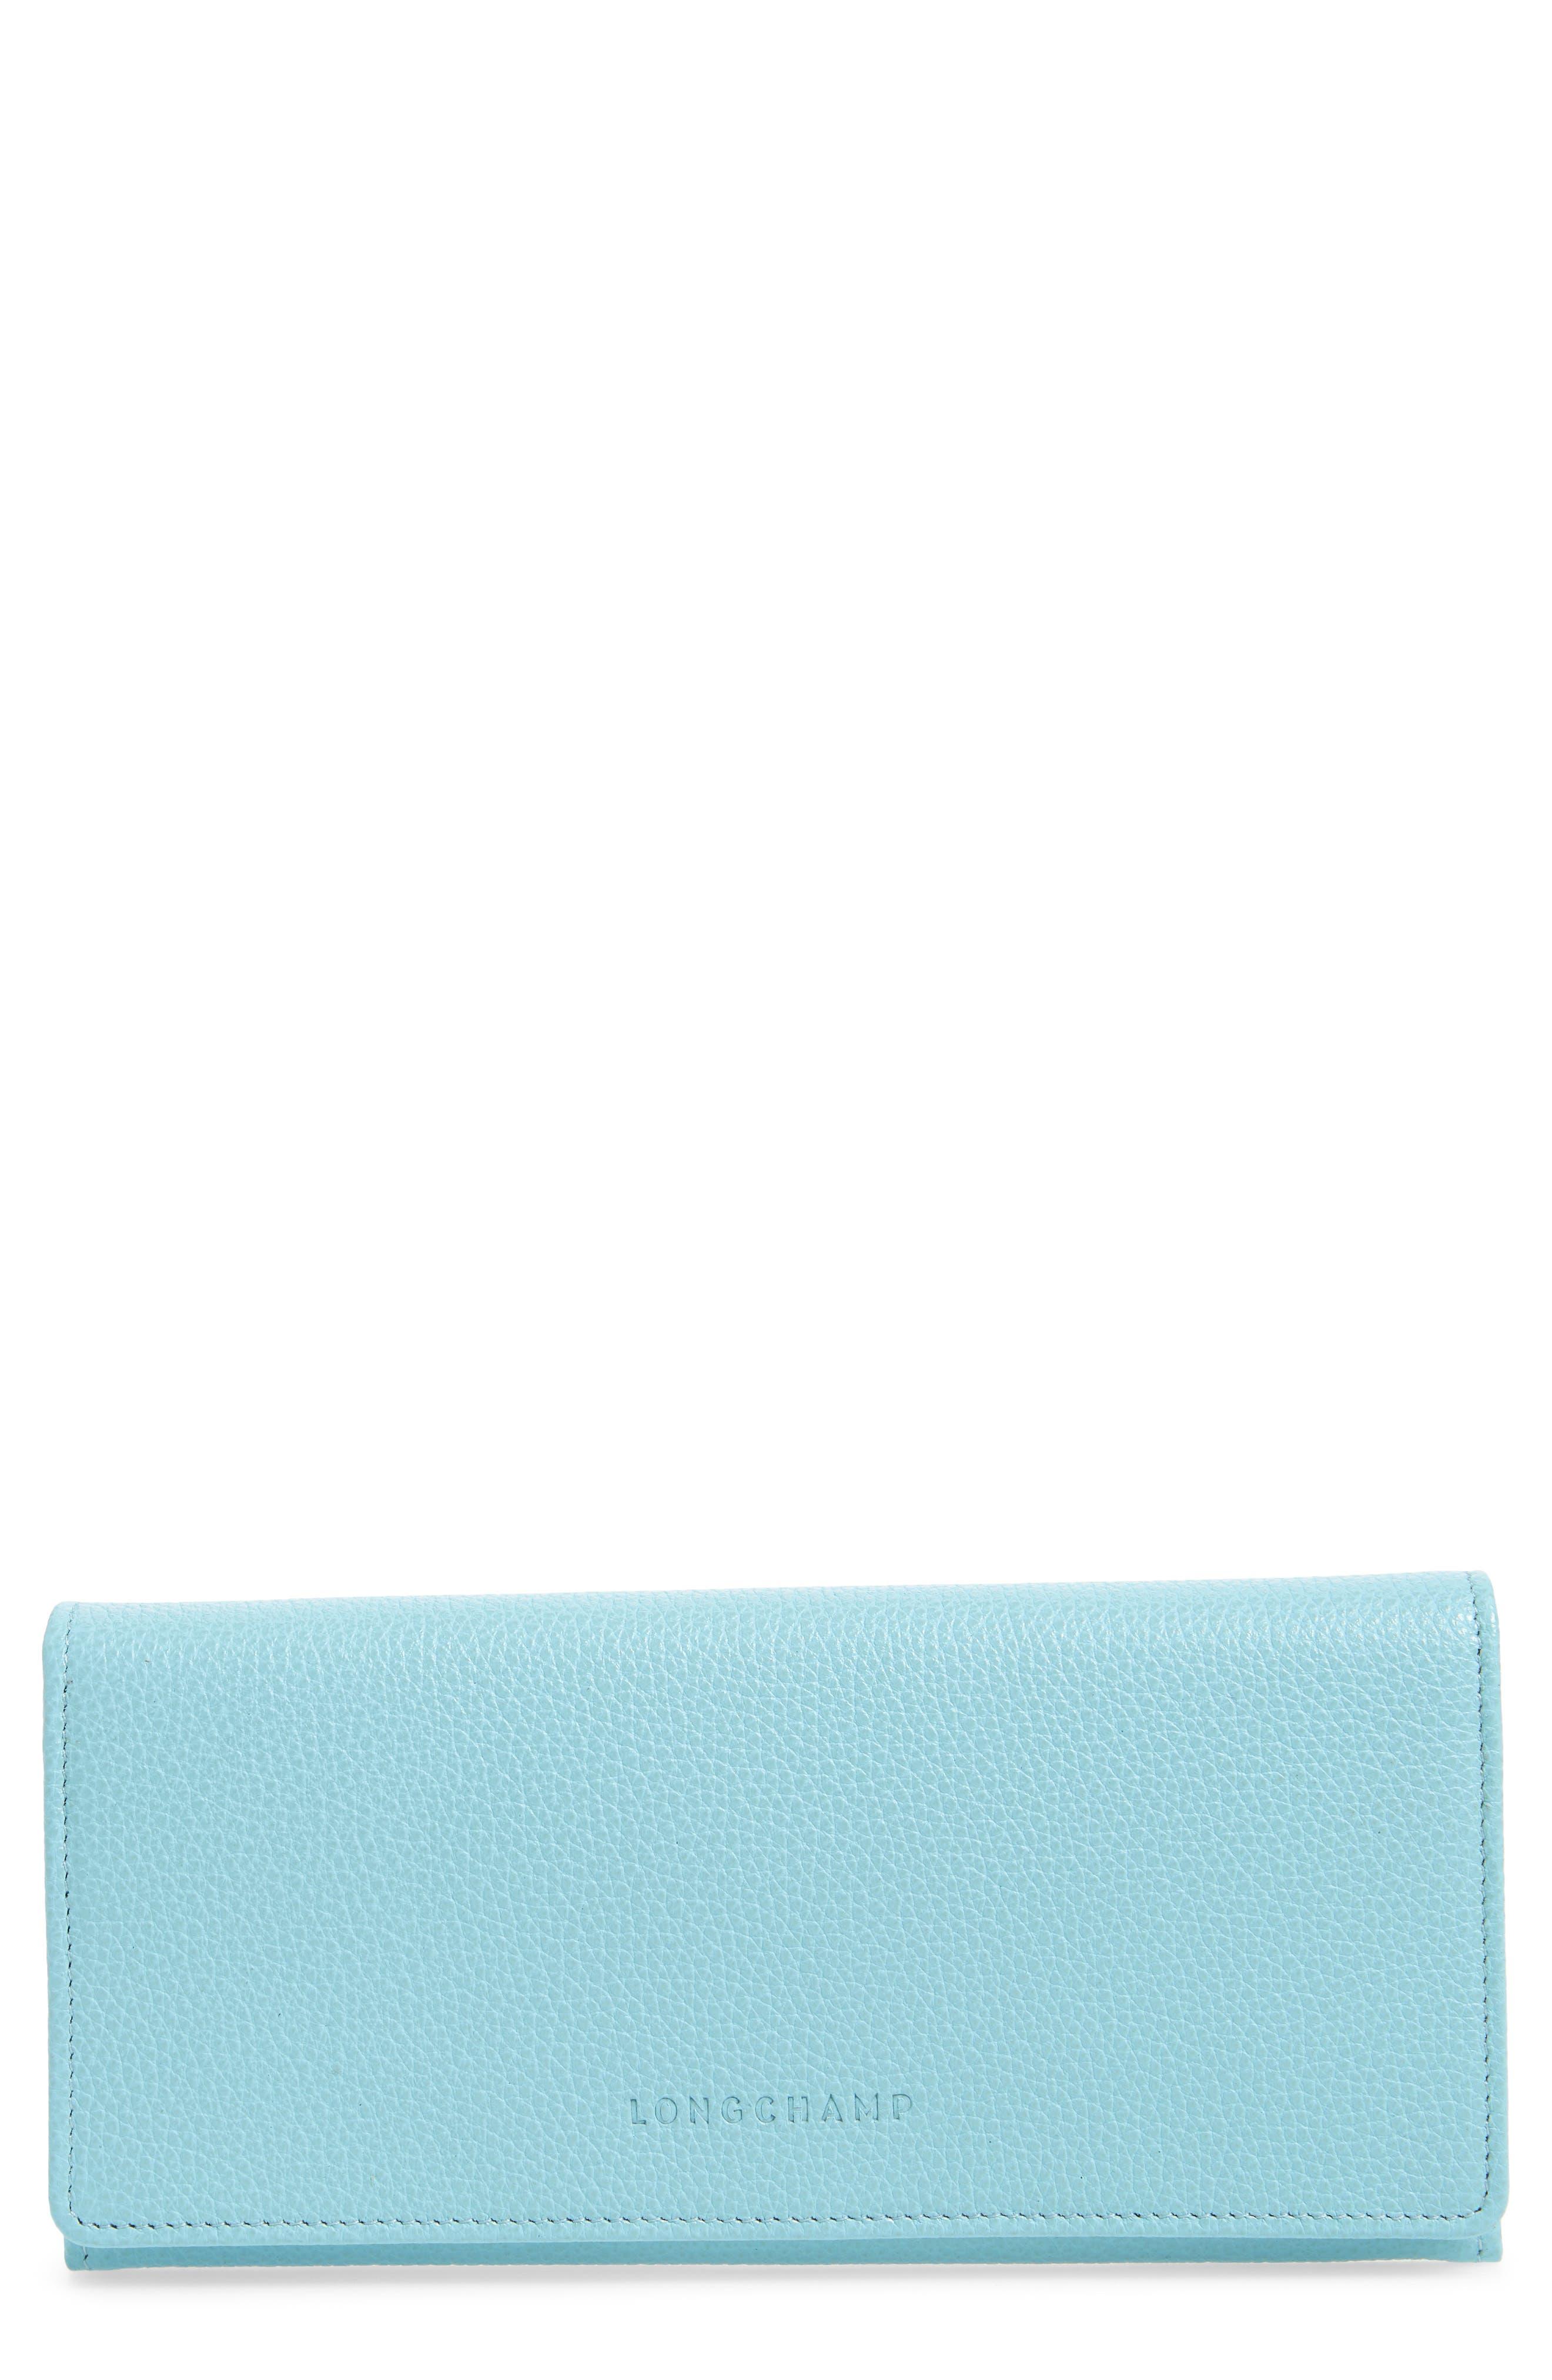 'Veau' Continental Wallet,                             Main thumbnail 1, color,                             Aqua